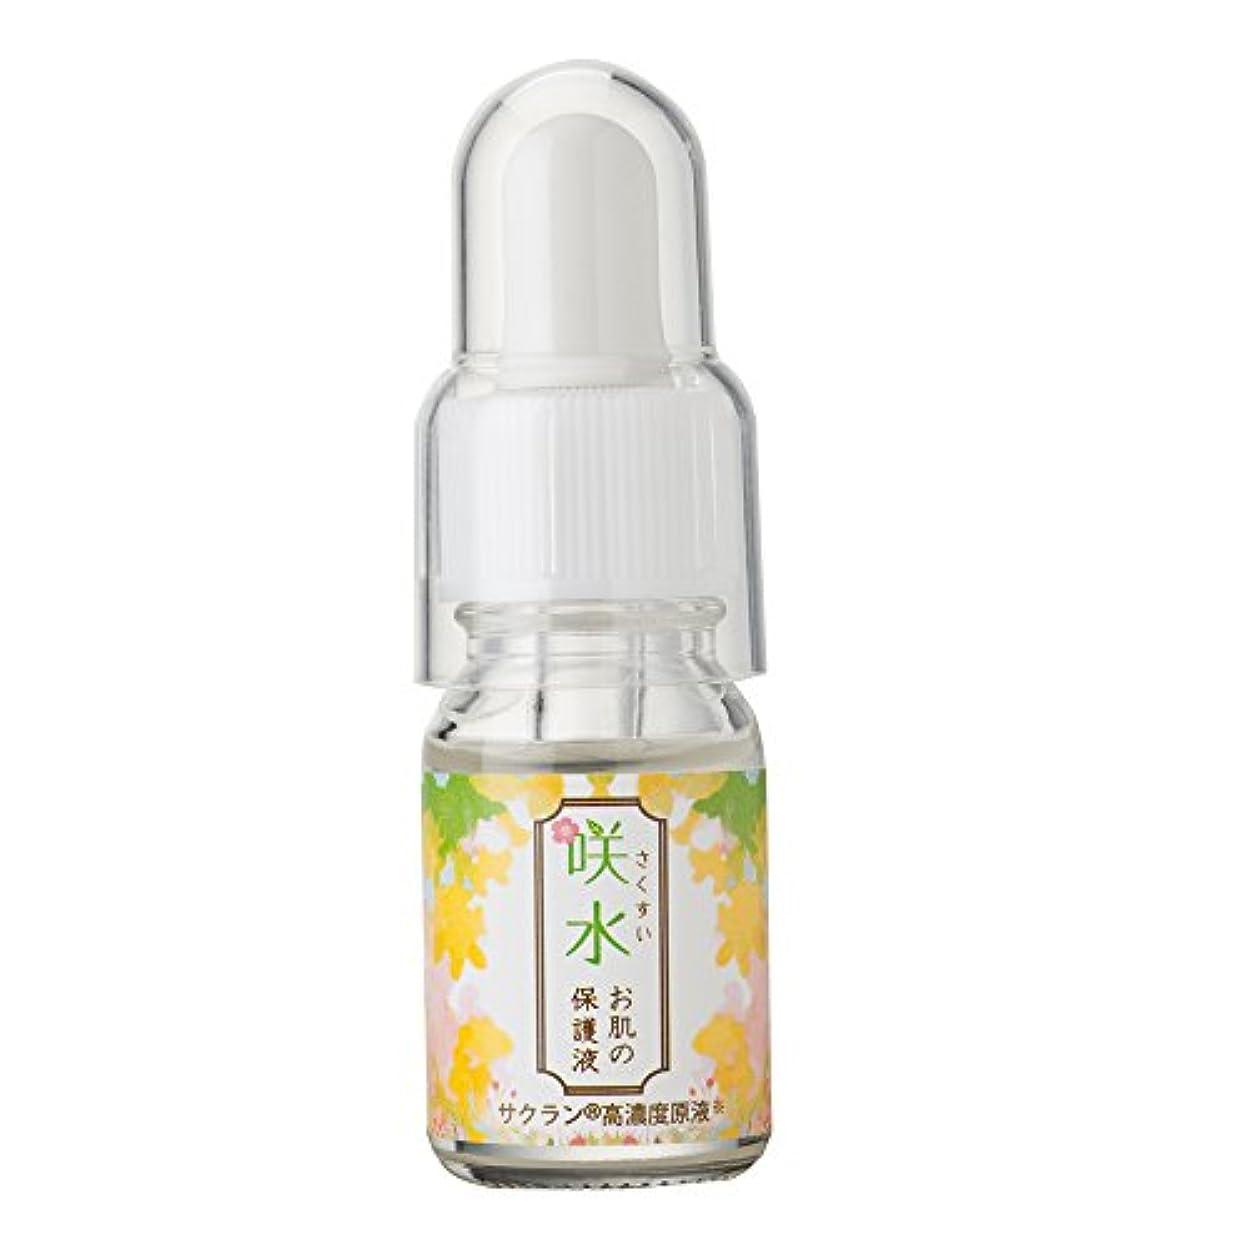 流す注入模索咲水お肌の保護液 10ml  保湿 美容液 顔 スイセンジノリ サクラン リバテープ製薬公式